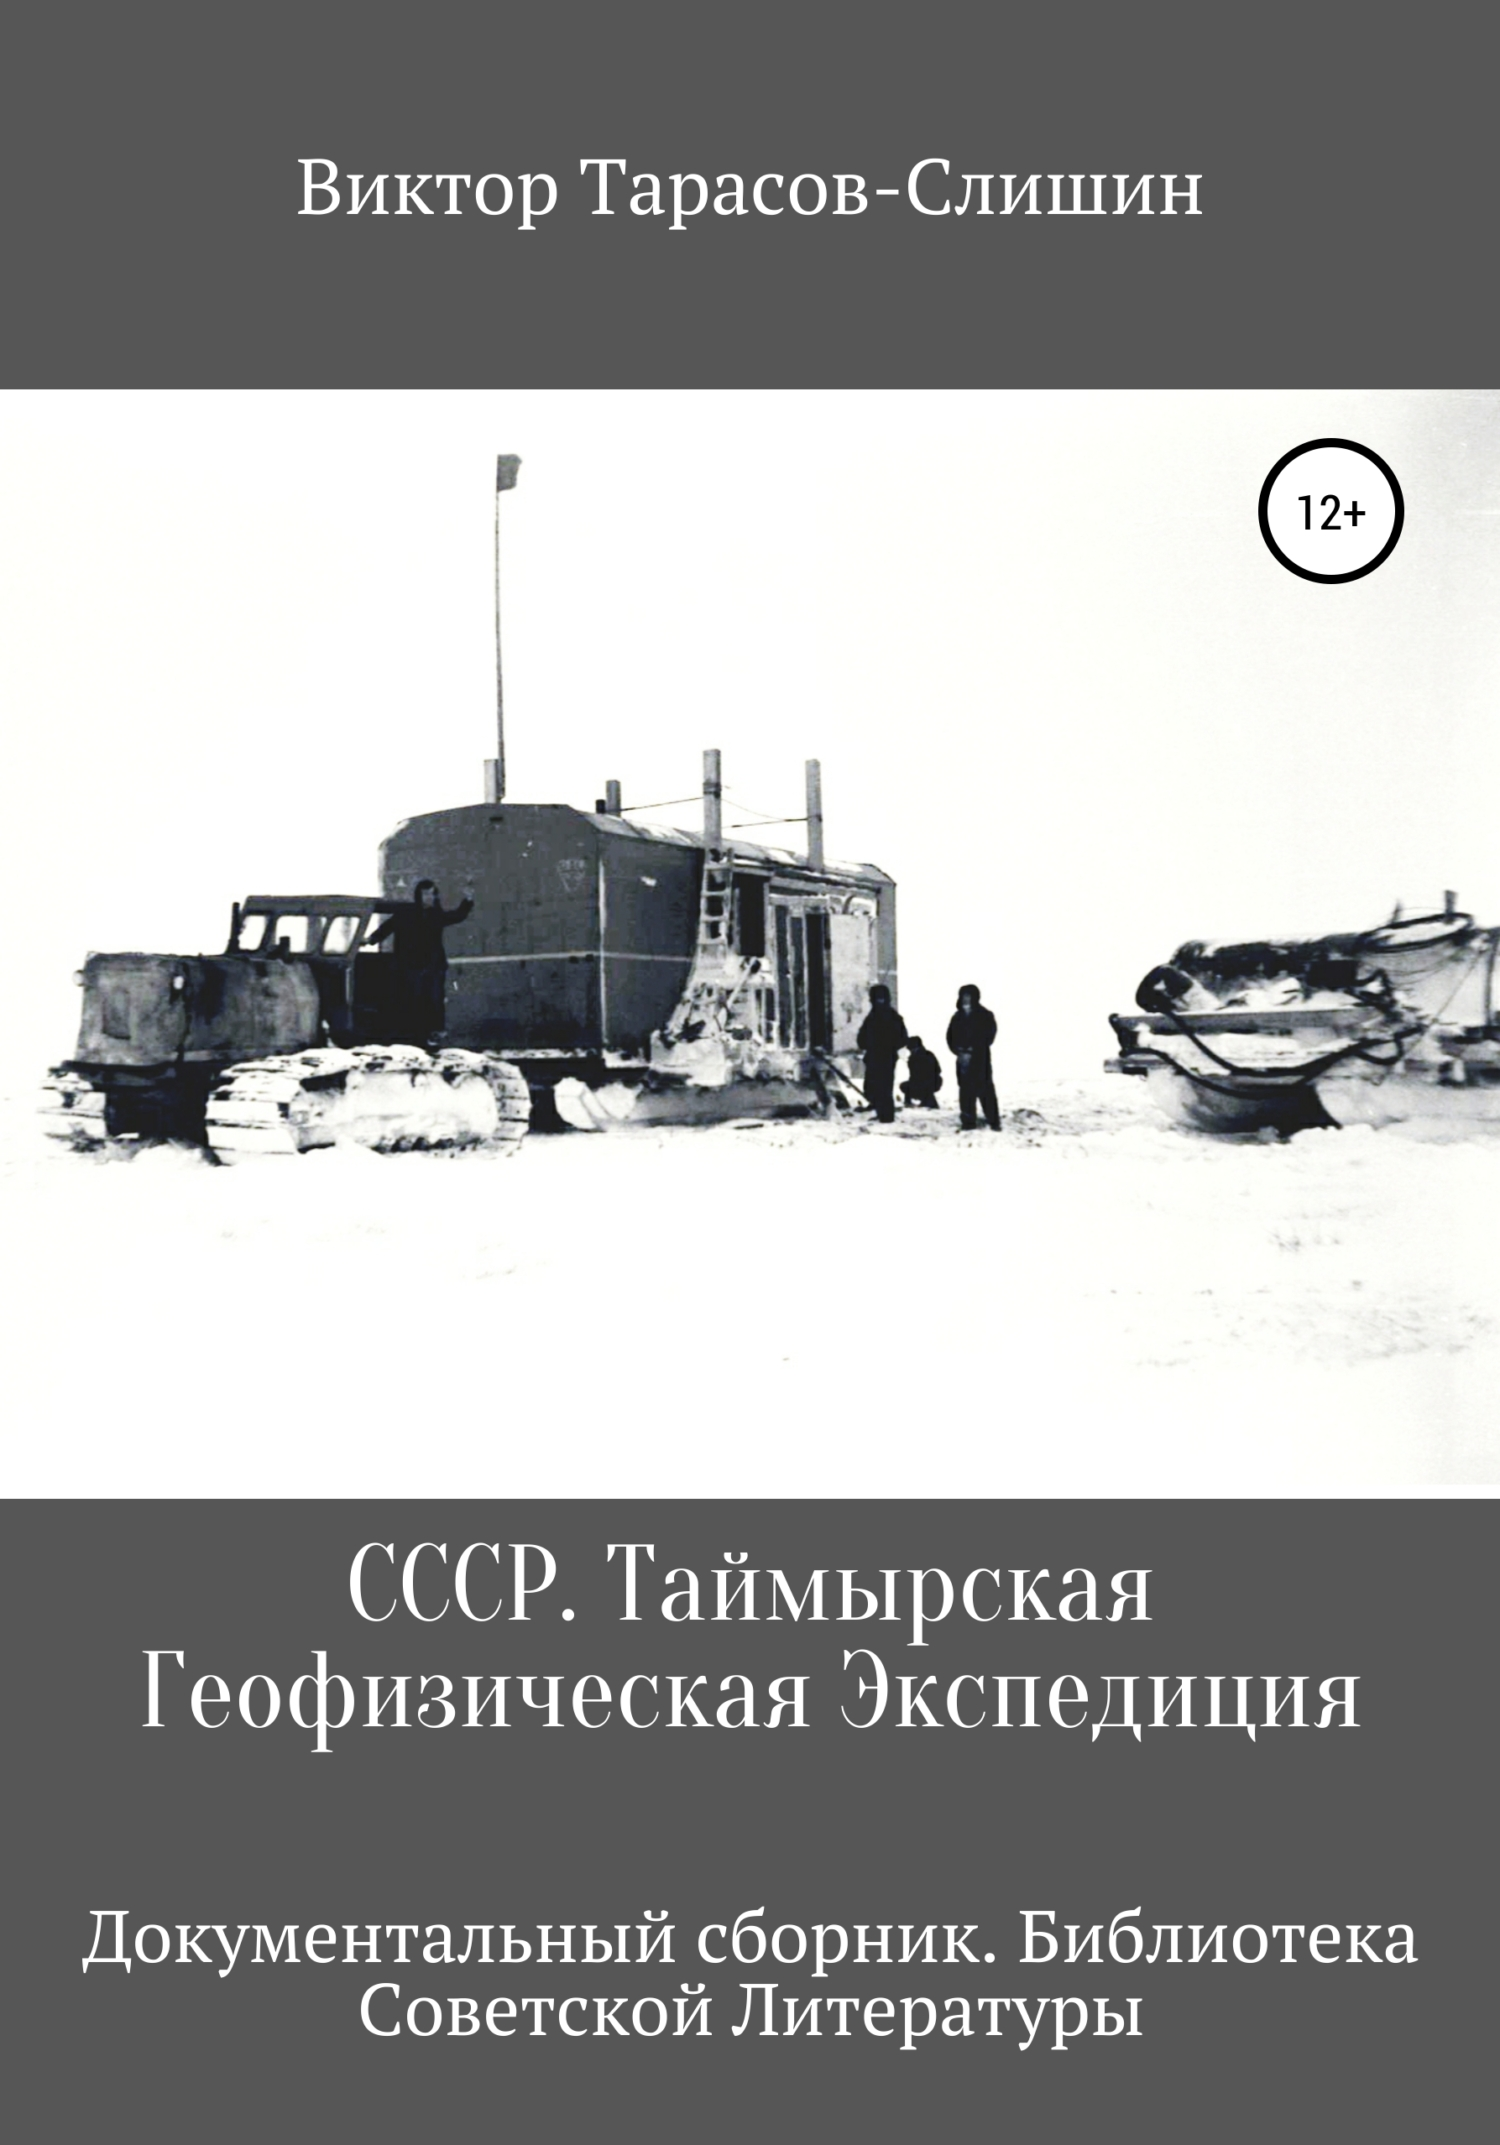 Купить книгу СССР ТГЭ, автора Виктора Анатольевича Тарасова